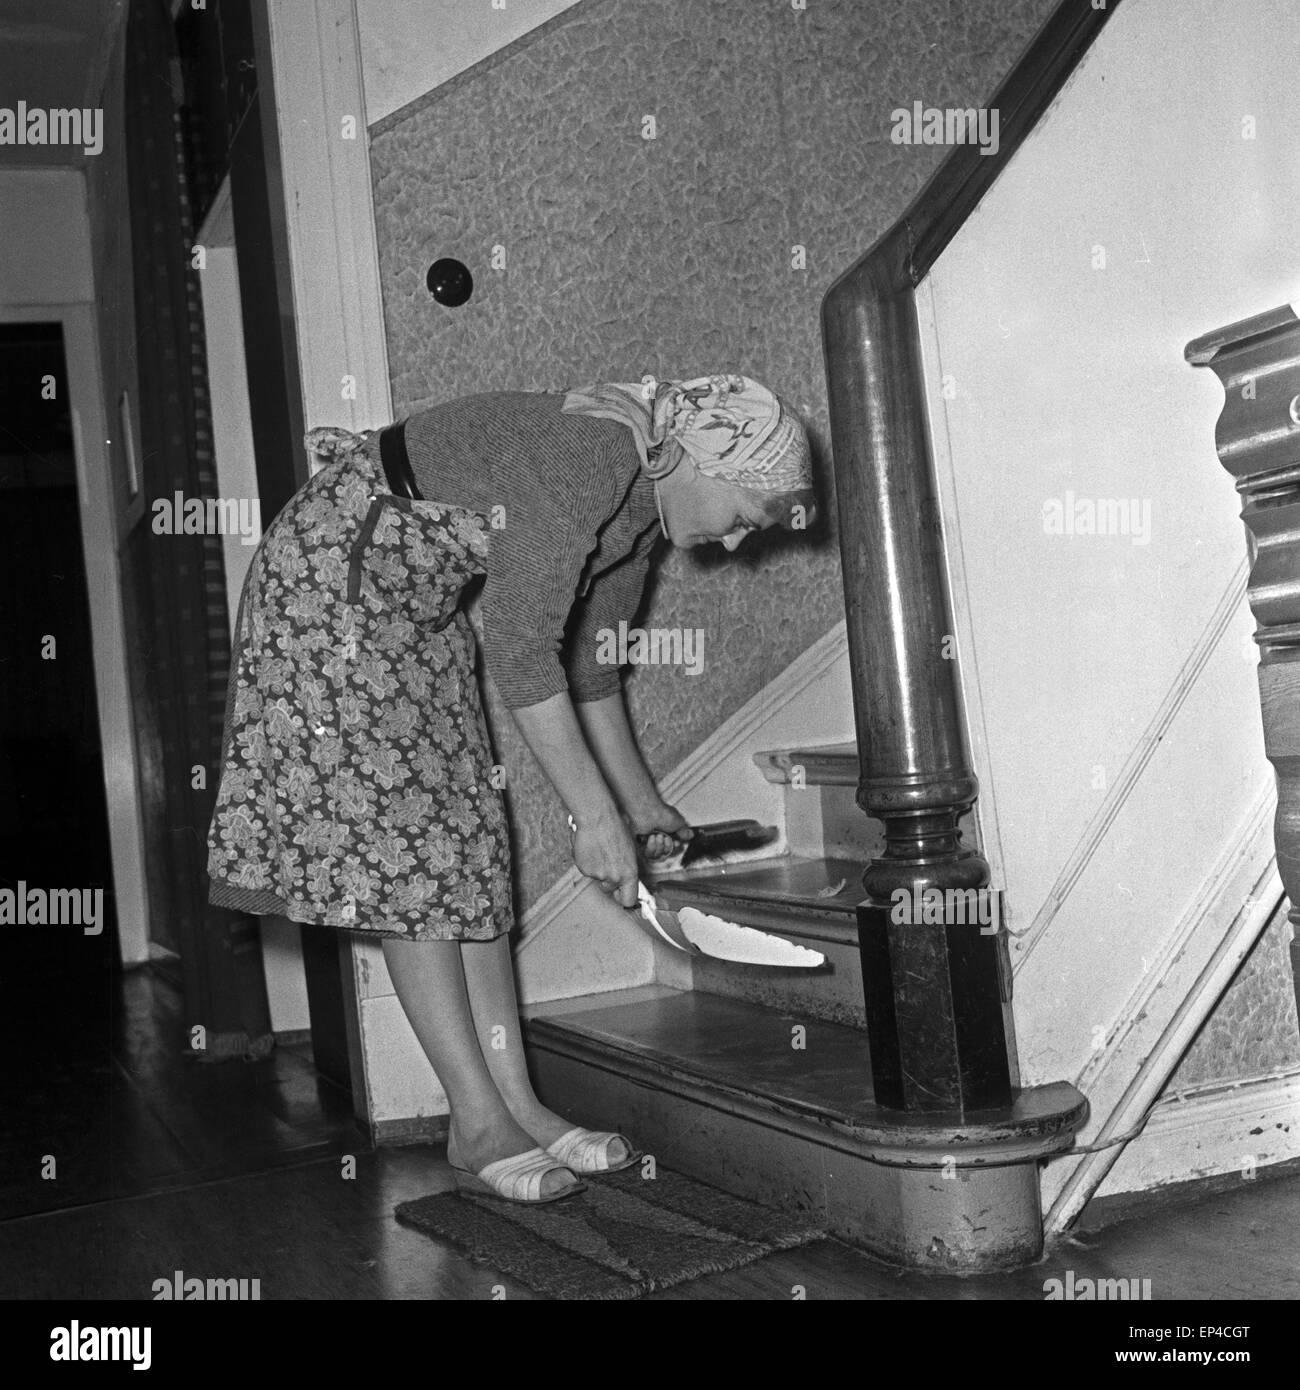 Eine Hausfrau kehrt das Treppenhaus, Deutschland 1950er Jahre. A housewife  is sweeping the staircase